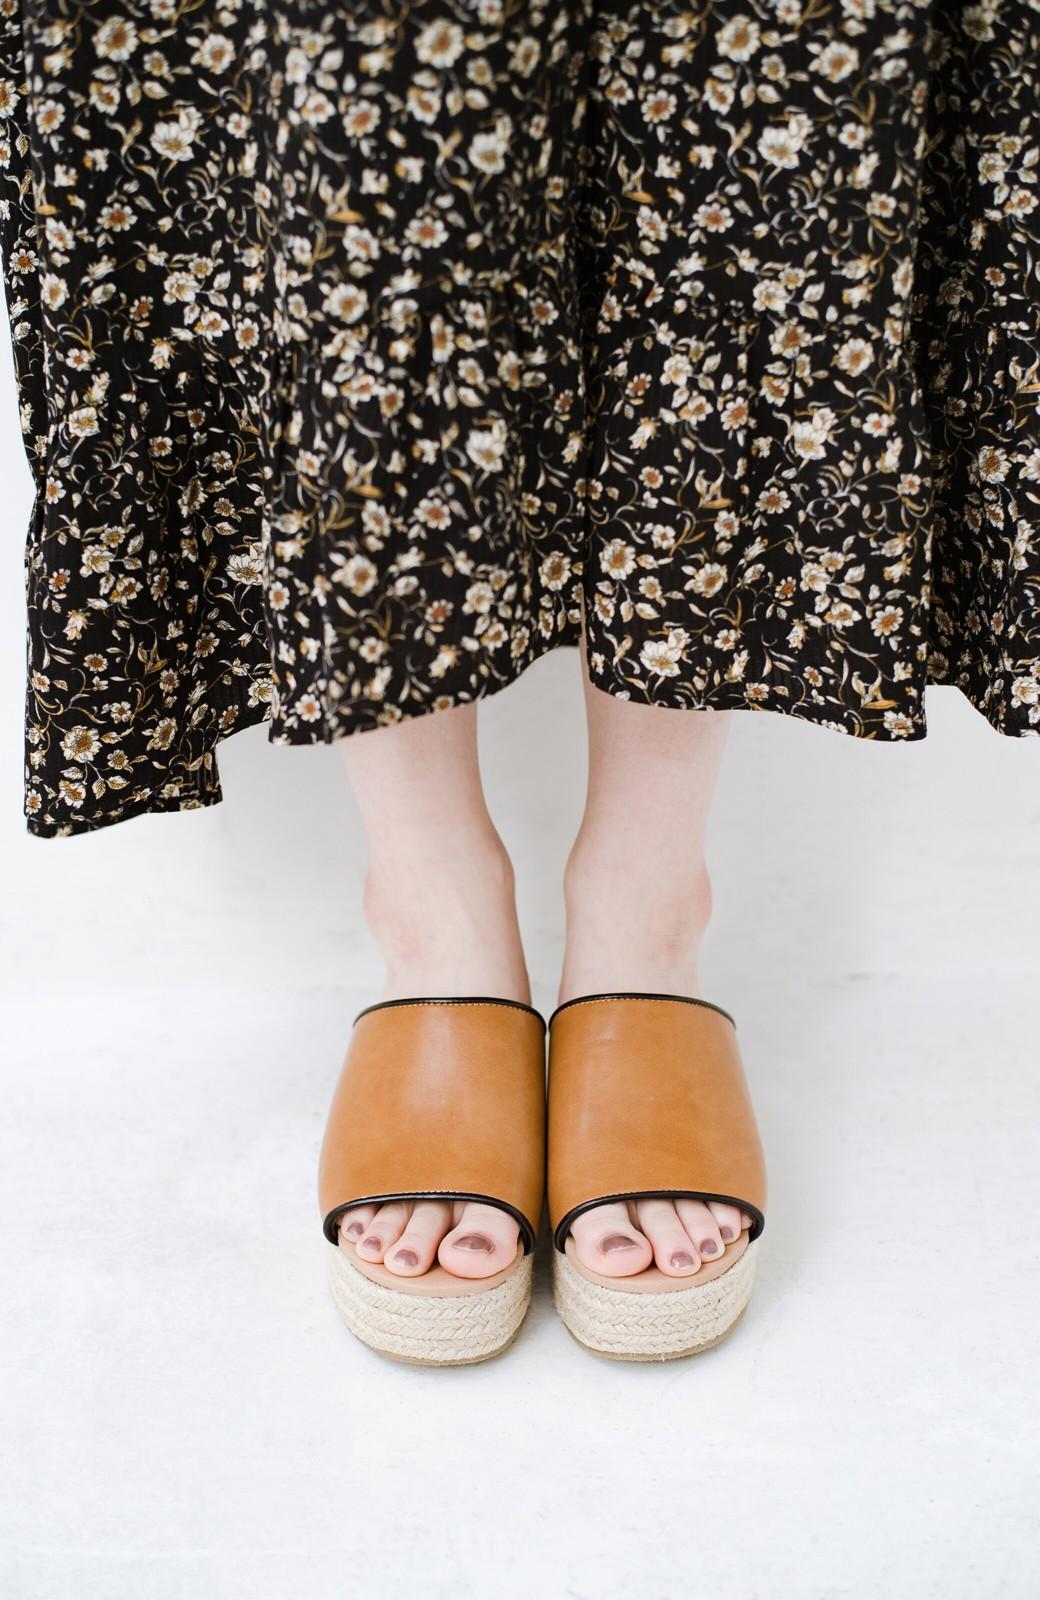 haco! 足を甘やかしながらもすっきり見せたいときに便利な バイカラーのプラットフォームサンダル <キャメル>の商品写真5